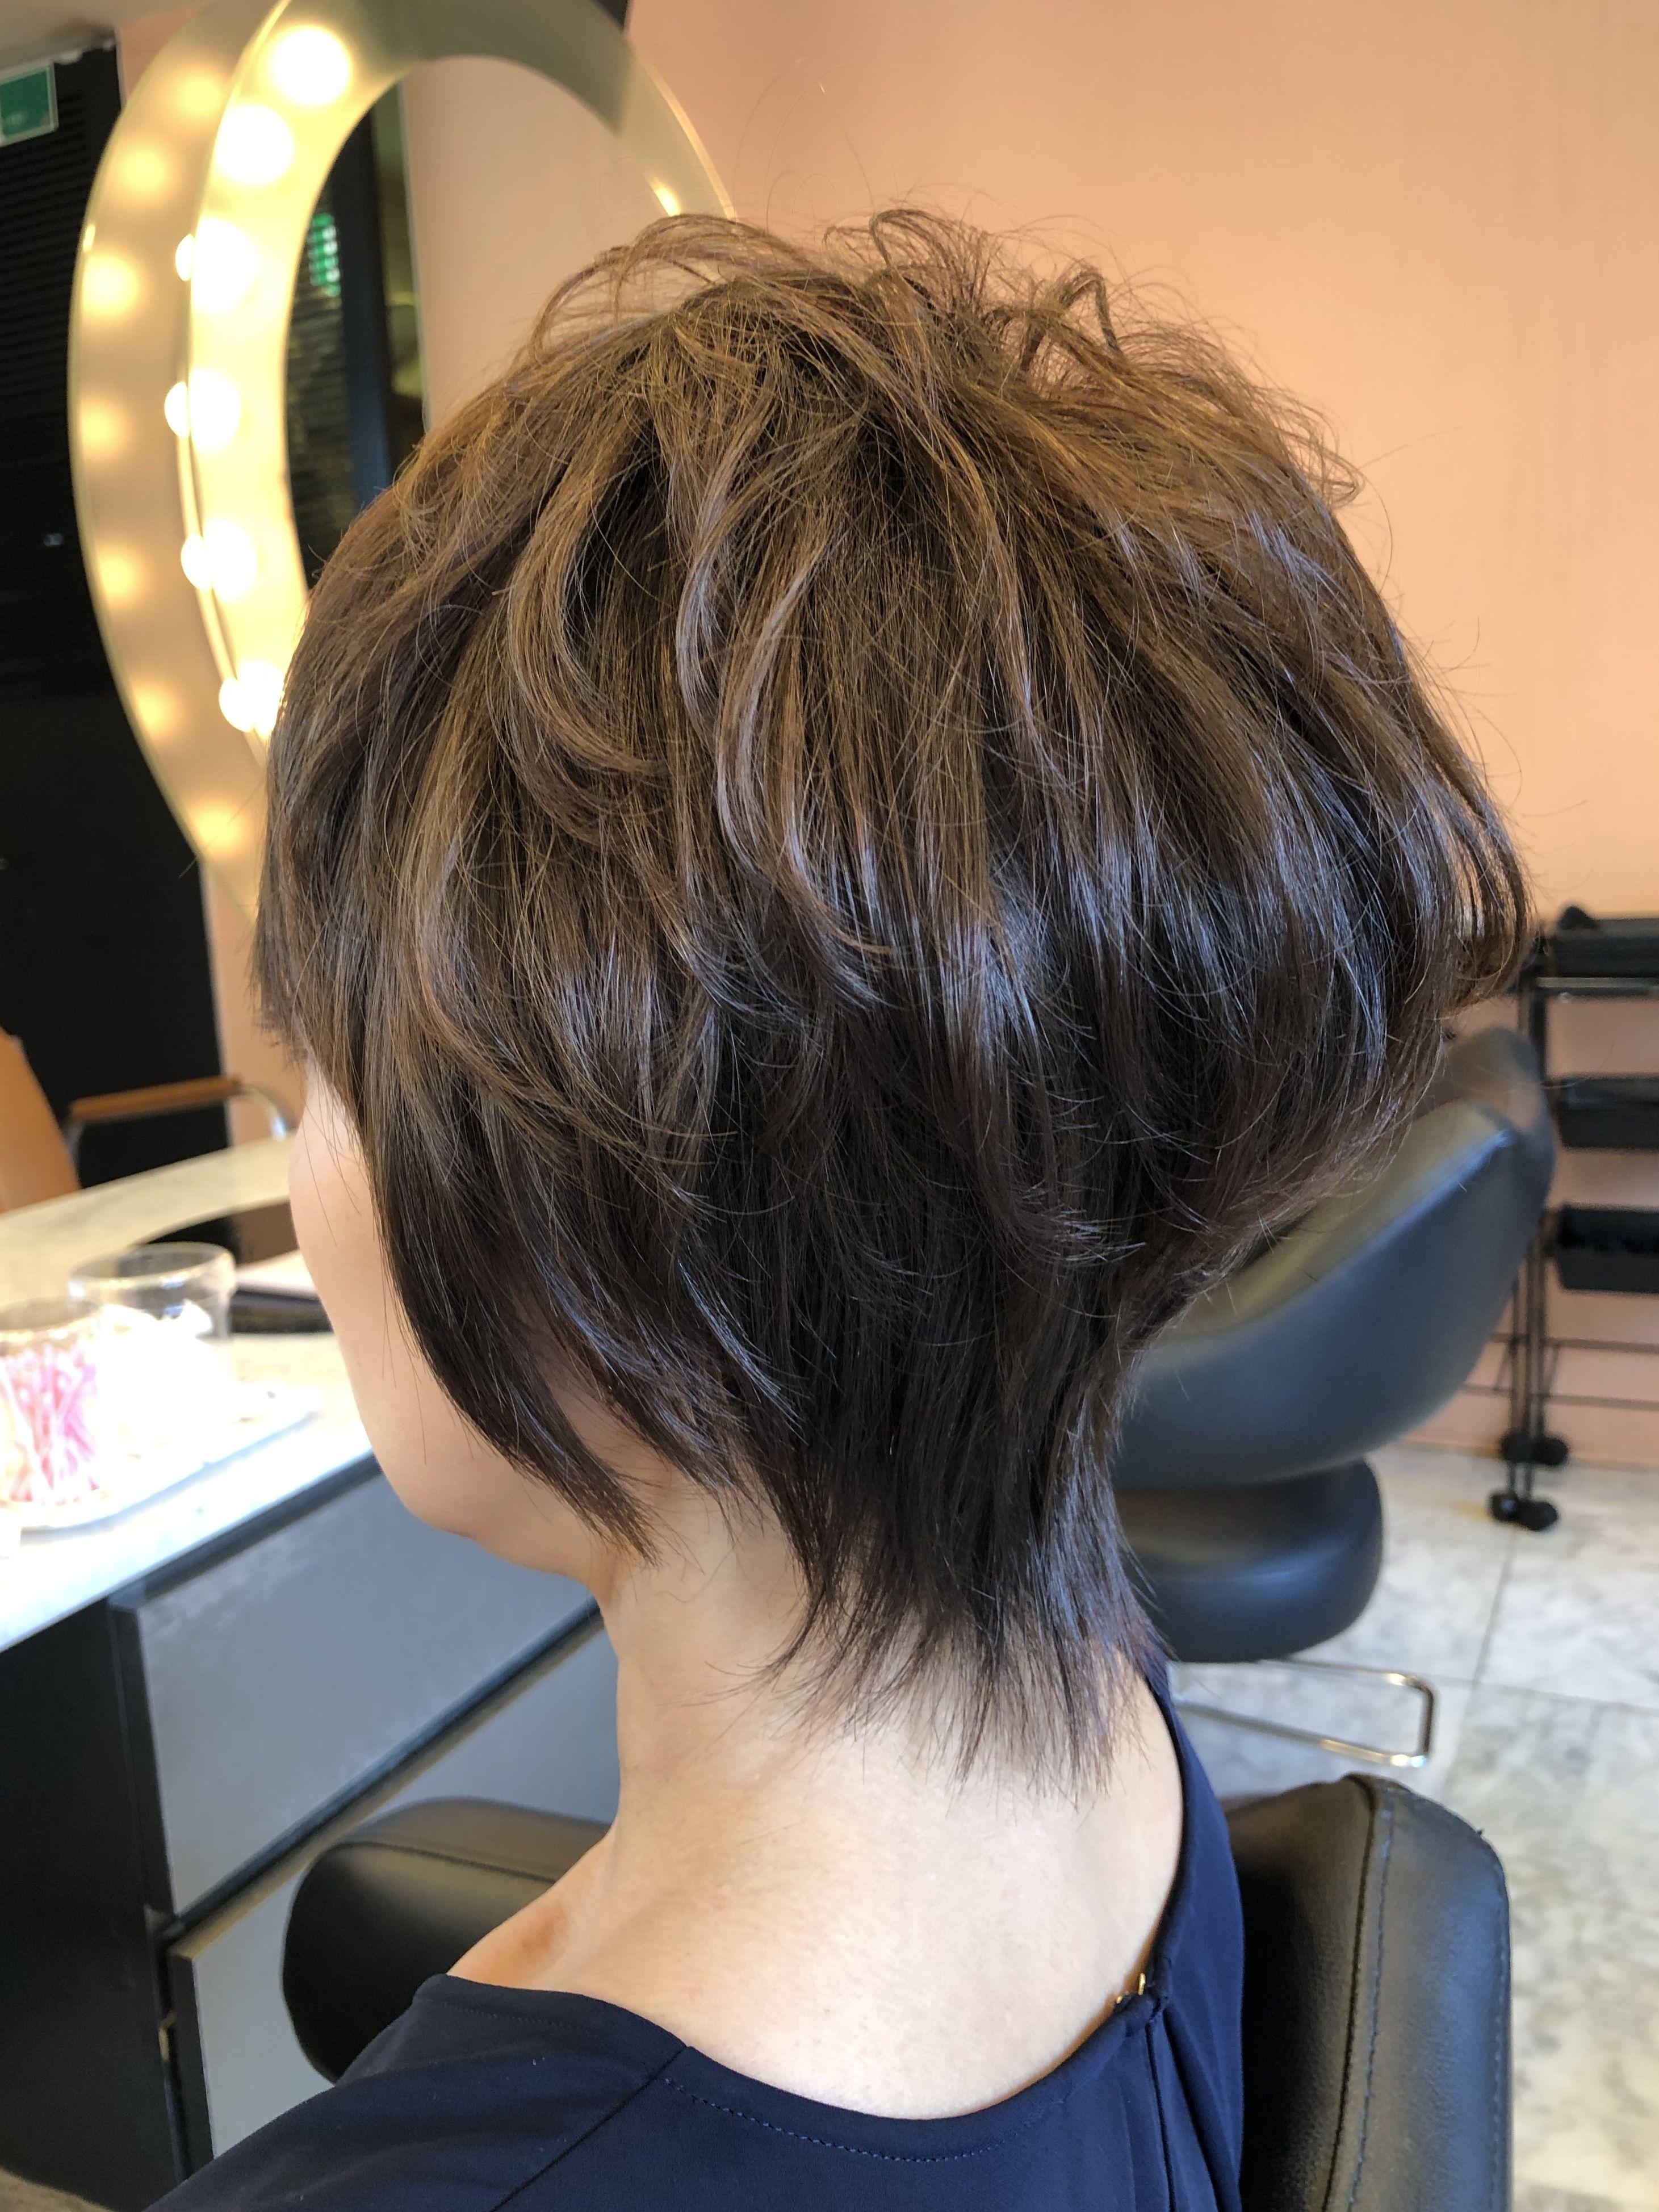 40代50代60代ヘアスタイル髪型 50代髪型 50代ショート 50代 髪型